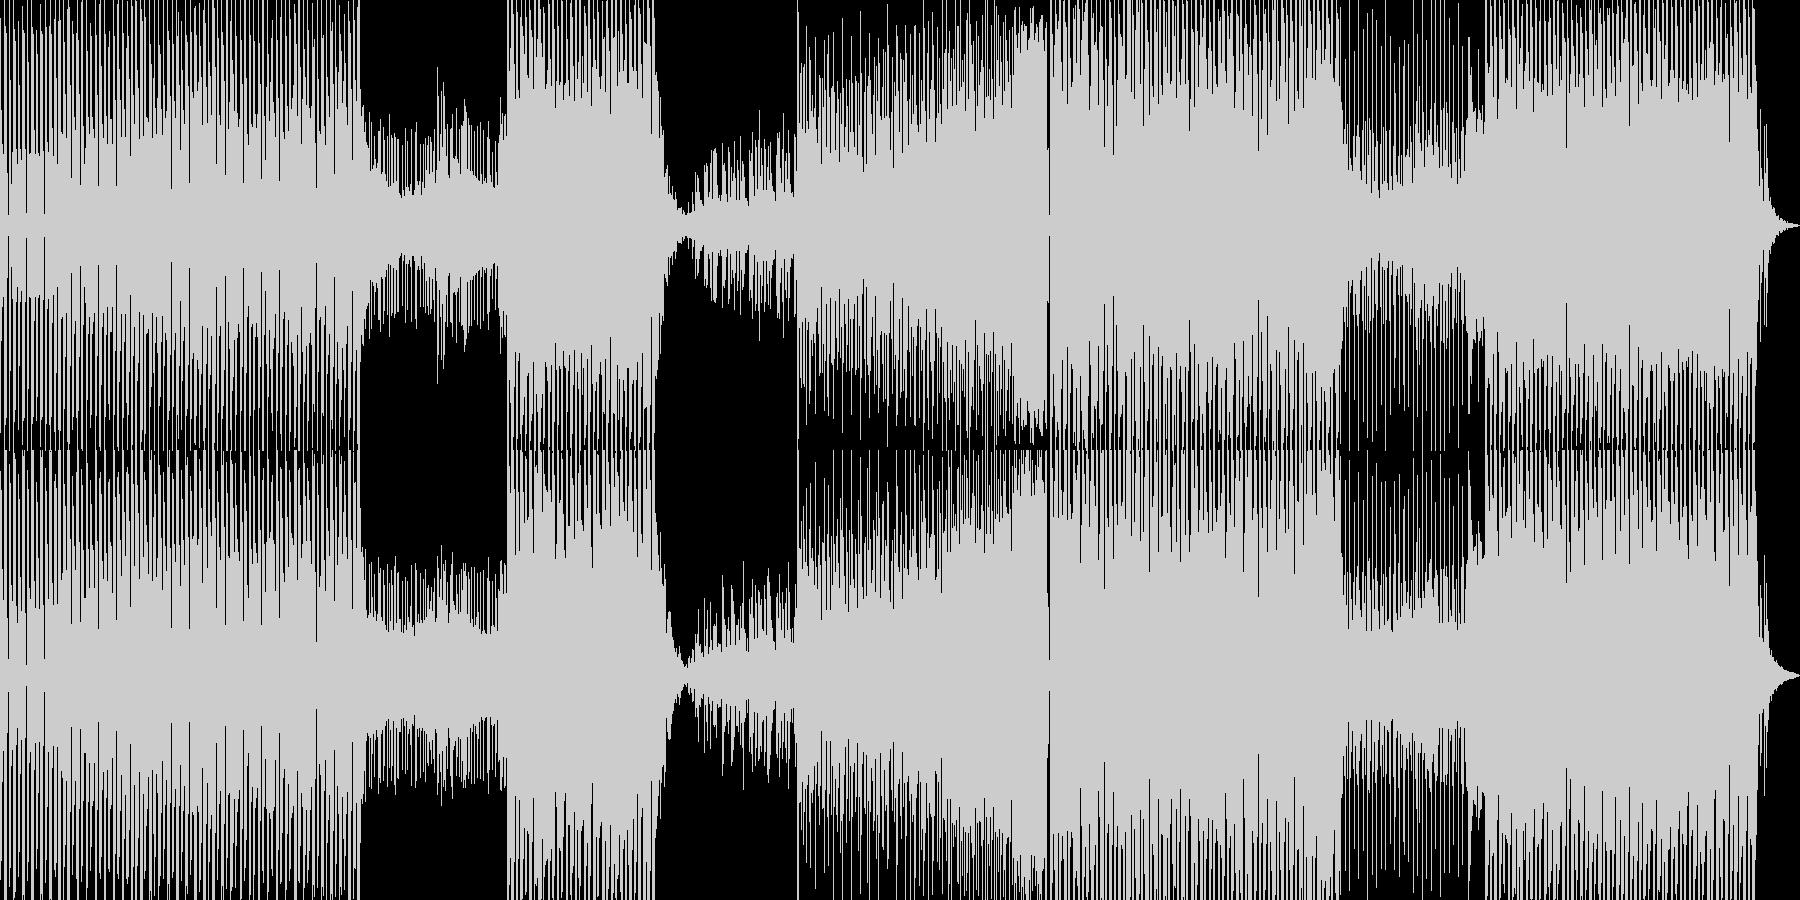 キャッチーなシンセポップの未再生の波形